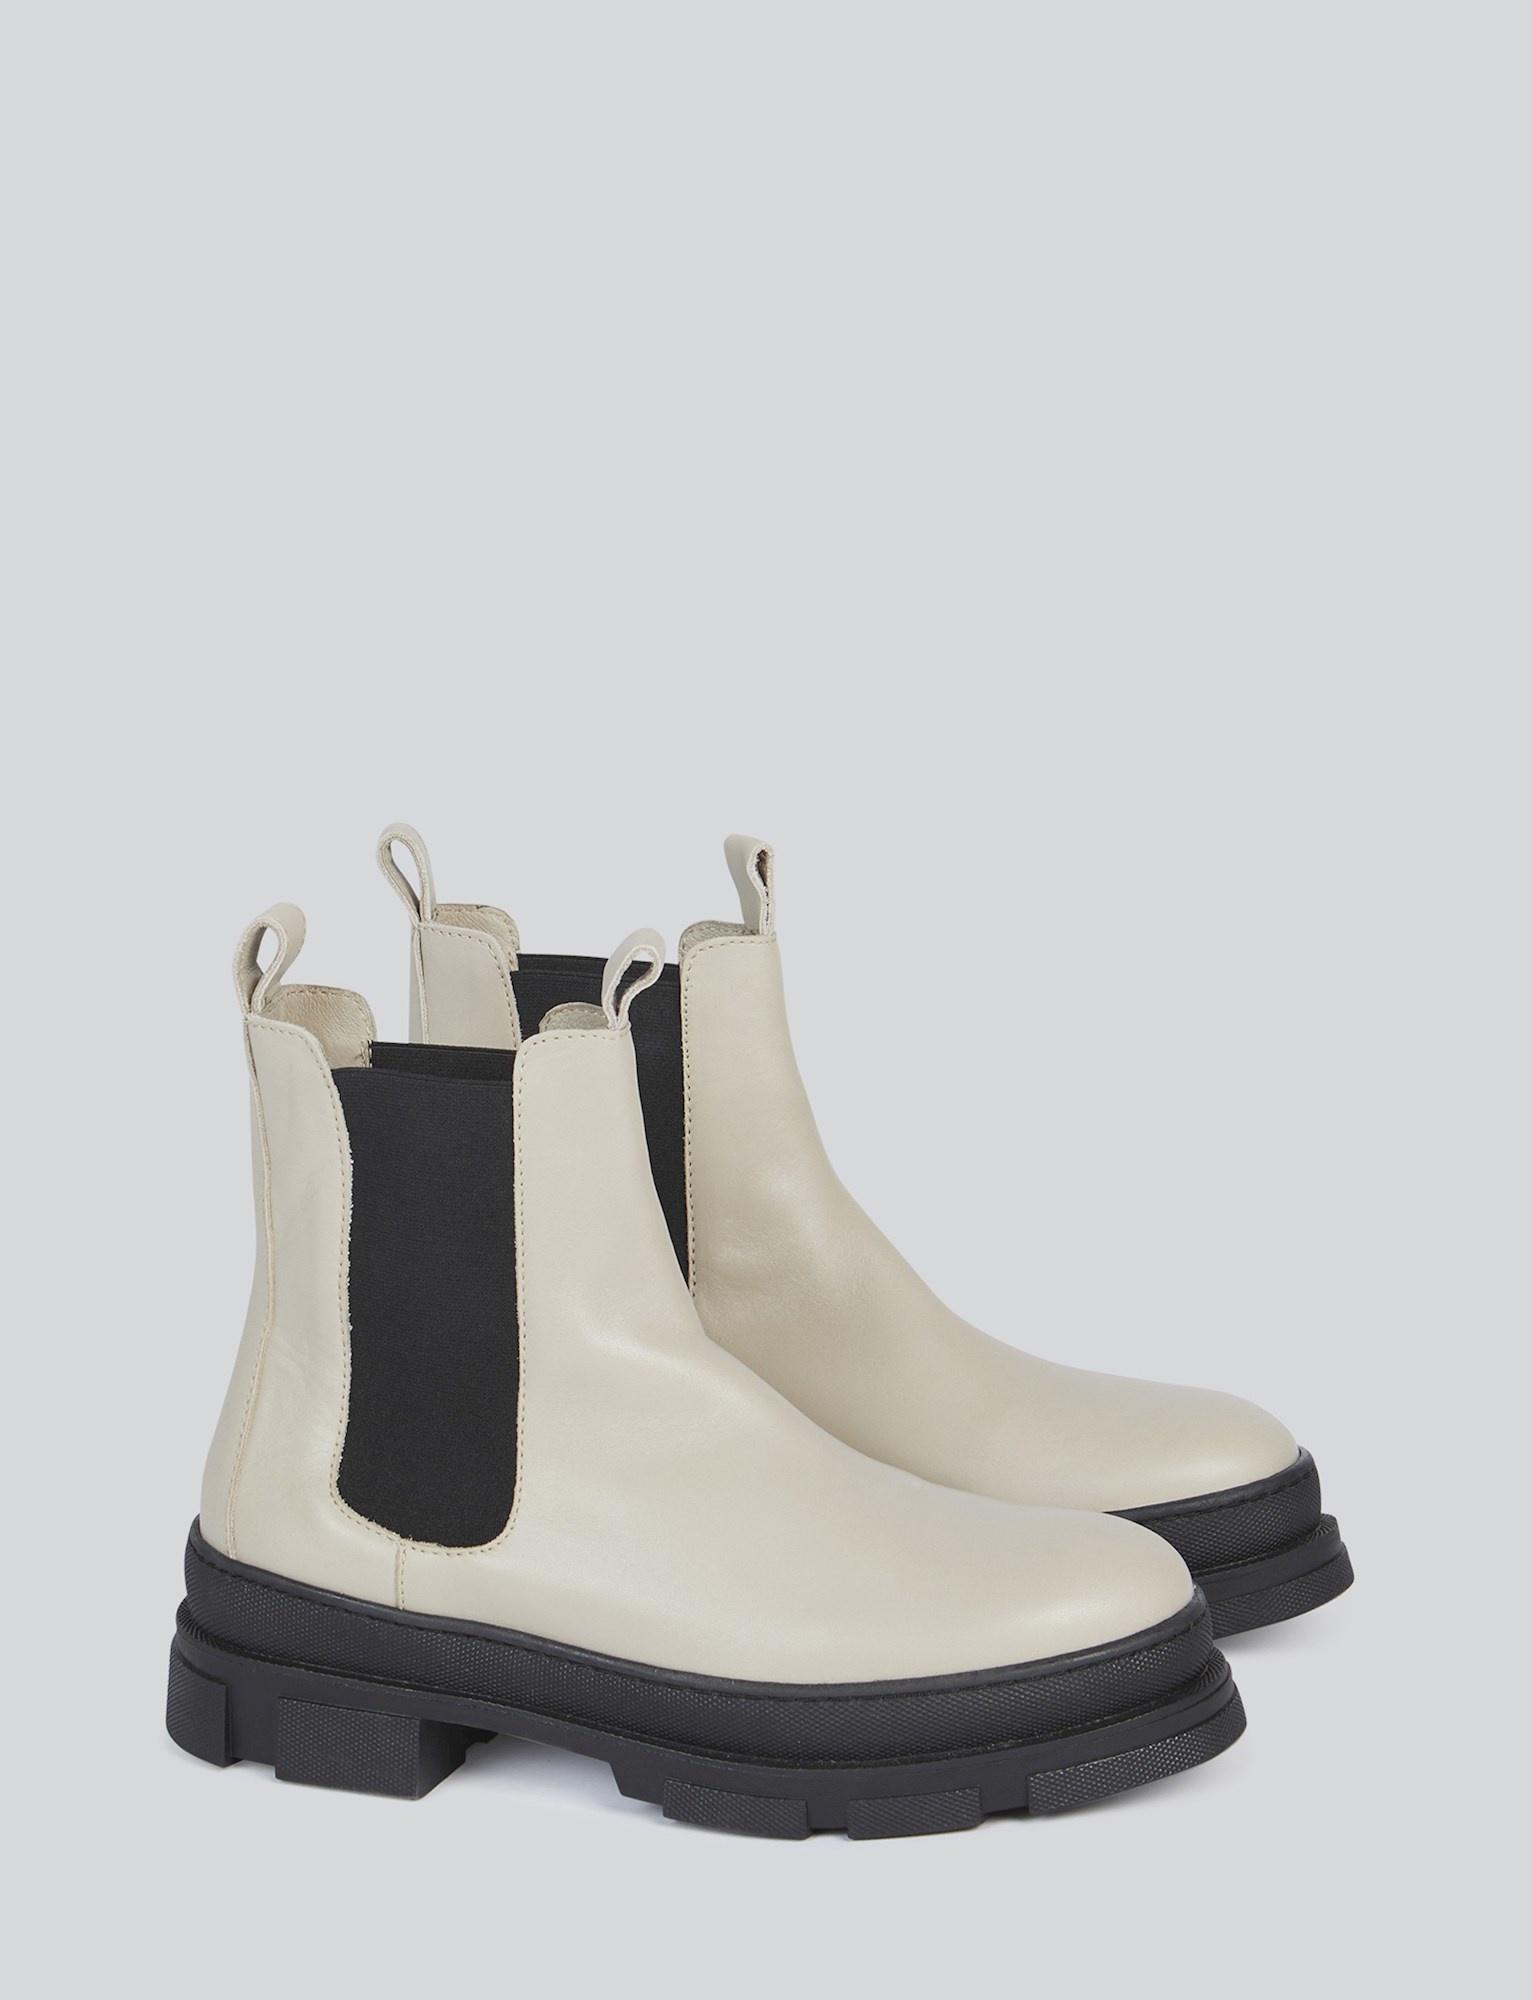 Summum Boots 8S756-8390-1